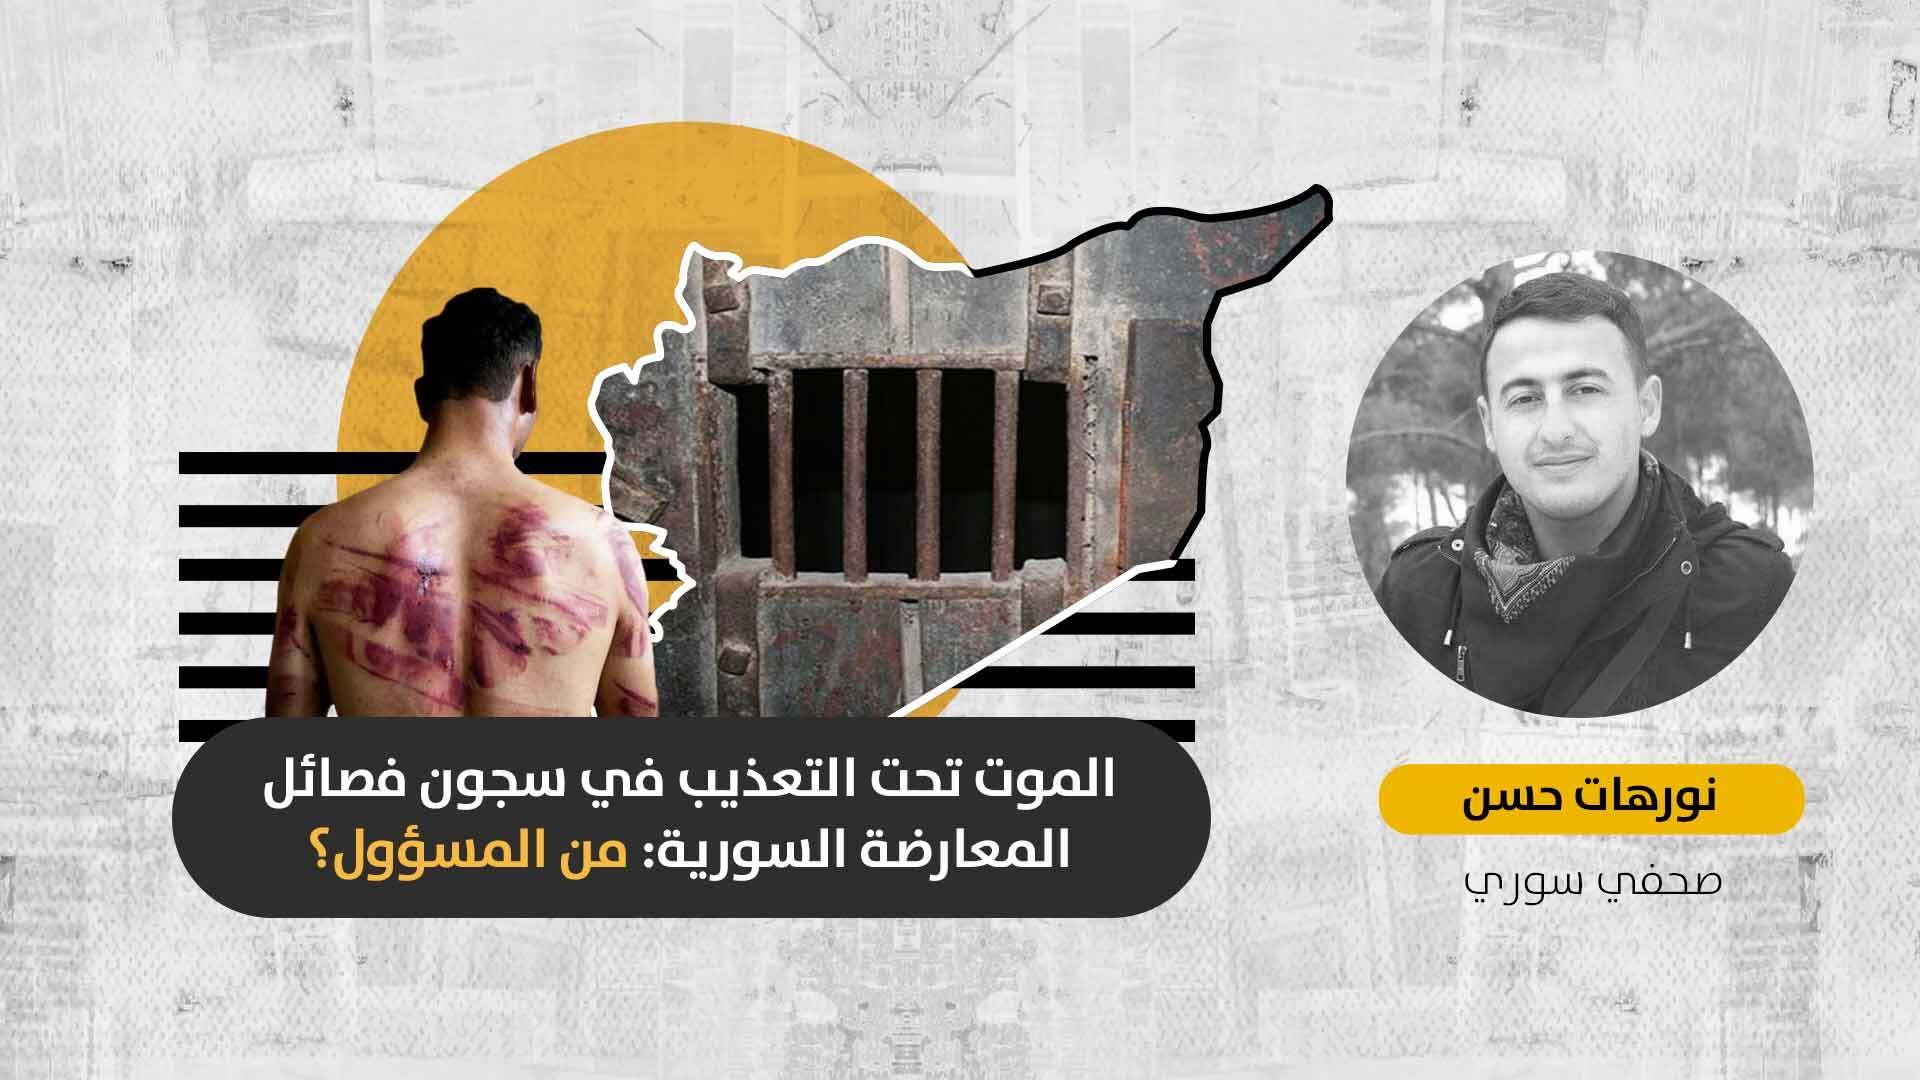 """الموت في سجن """"الراعي"""": ما مدى مسؤولية تركيا عن حالات الوفاة نتيجة التعذيب وسوء المعاملة في معتقلات الفصائل الموالية لها؟"""